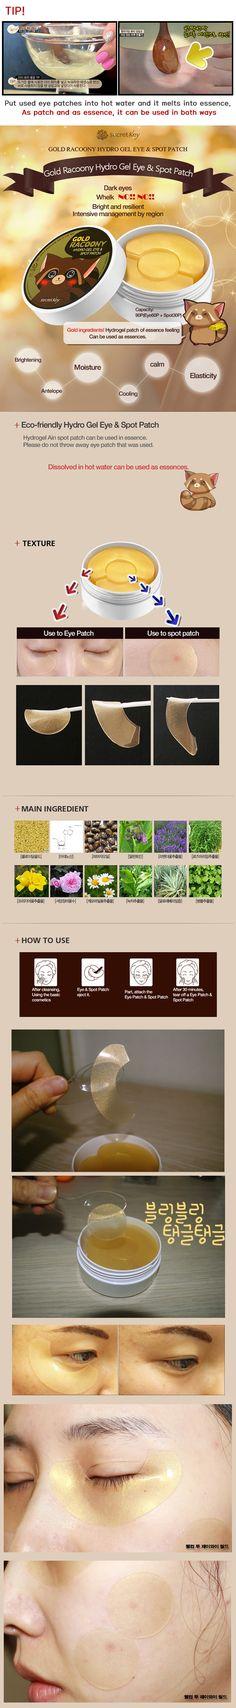 Secret key - Gold Racoony Hydro gel eye & spot patch - Secret Key Beautynetkorea Korean cosmetic